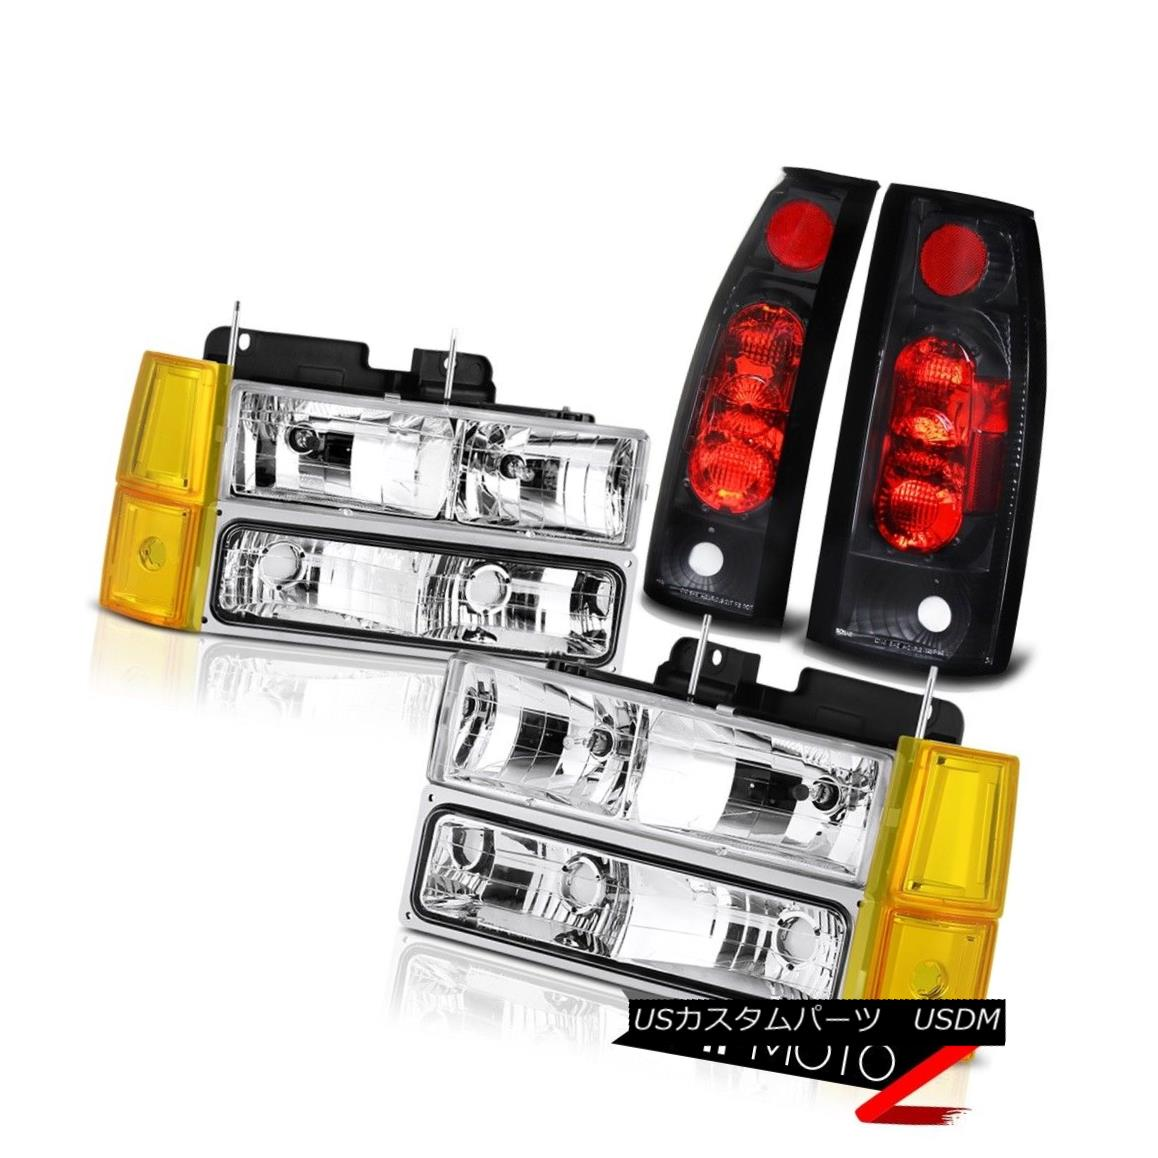 テールライト 94 95 96 97 98 GMC Sierra Clear Chrome Headlamps Bumper Taillights OE Style Euro 94 95 96 97 98 GMC SierraクリアクロームヘッドランプバンパーティールOEスタイルユーロ